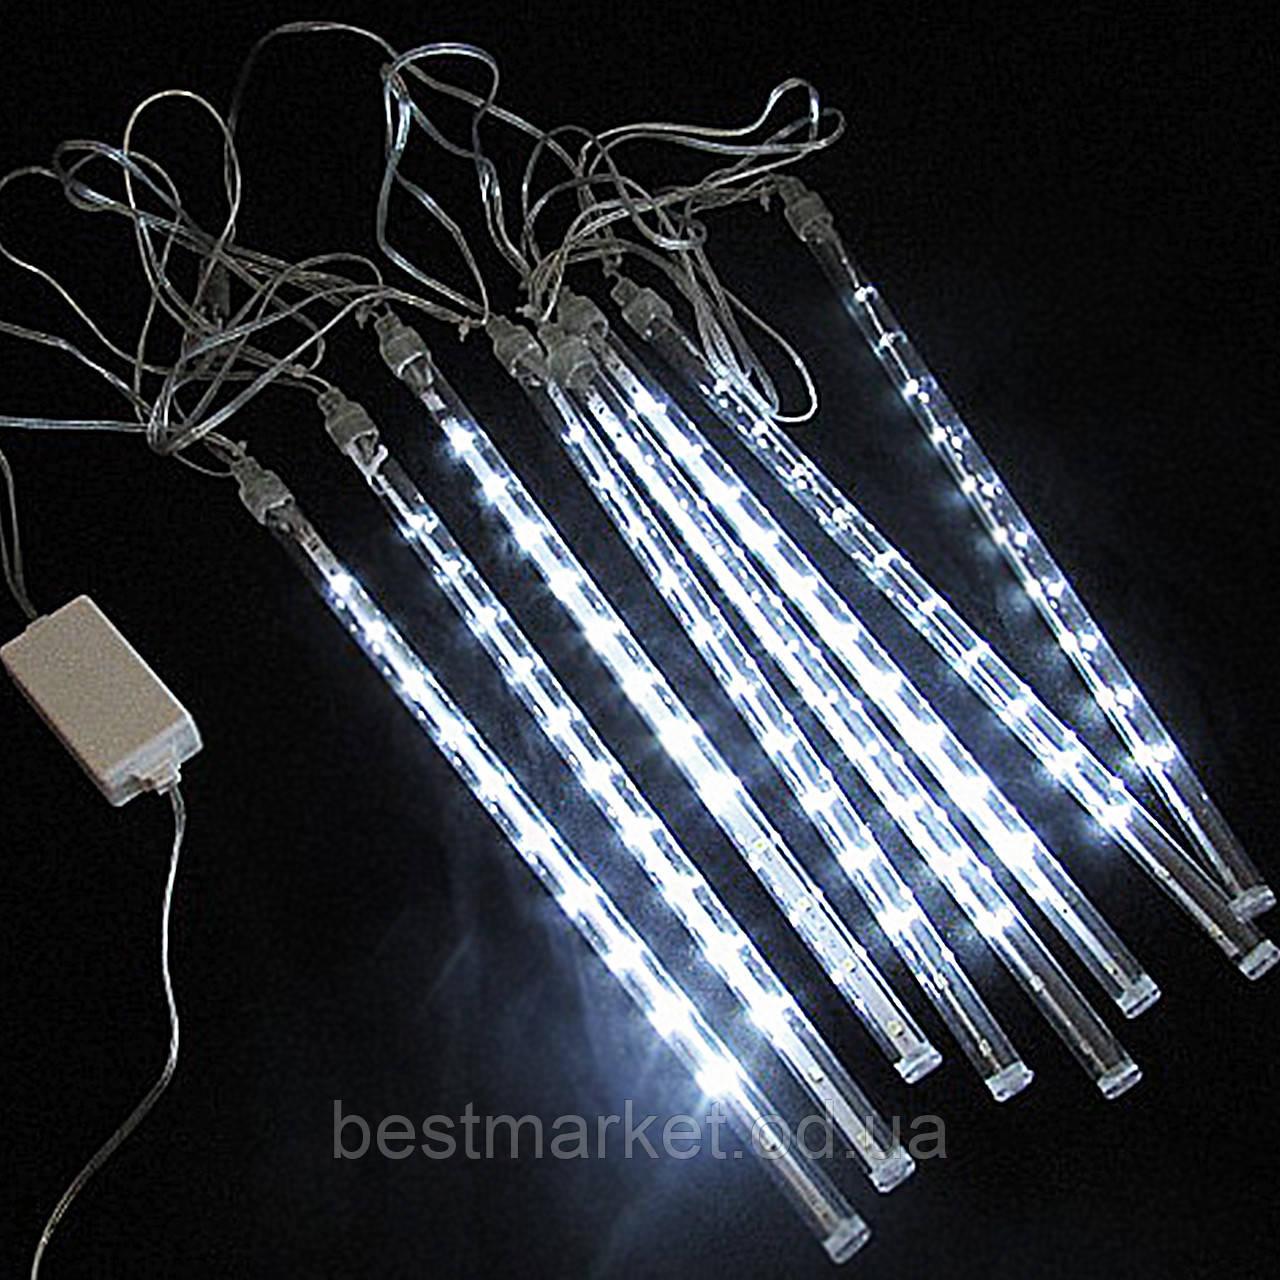 Новогодняя Светодиодная Гирлянда Тающие Сосульки LED 30 см 8 шт 3 х 0.3 м Белые